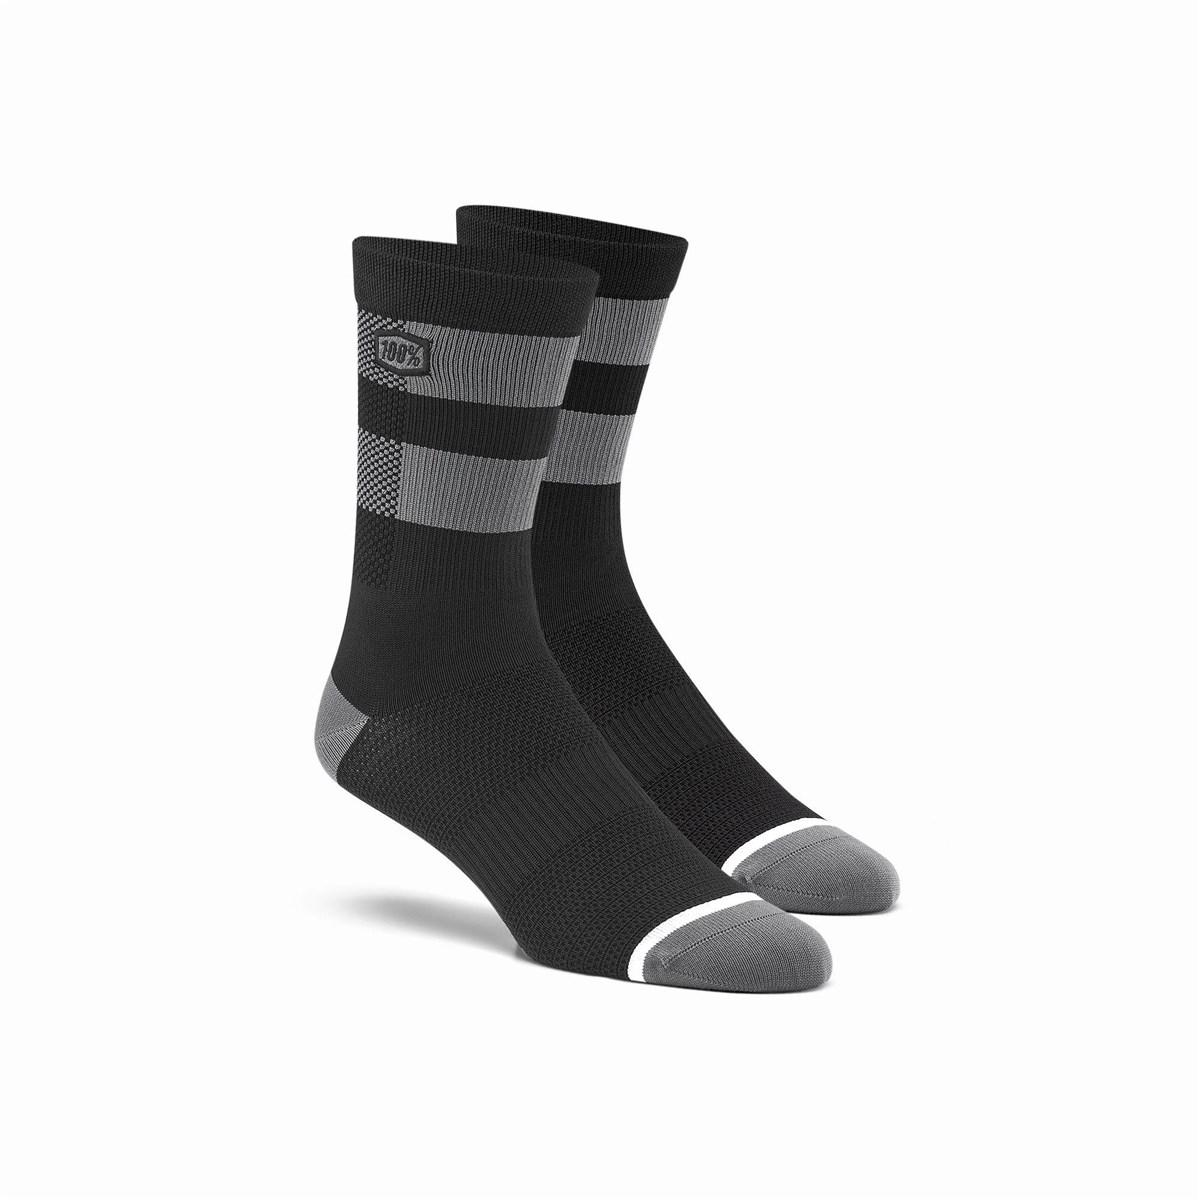 100% Flow Performance Socks | Strømper